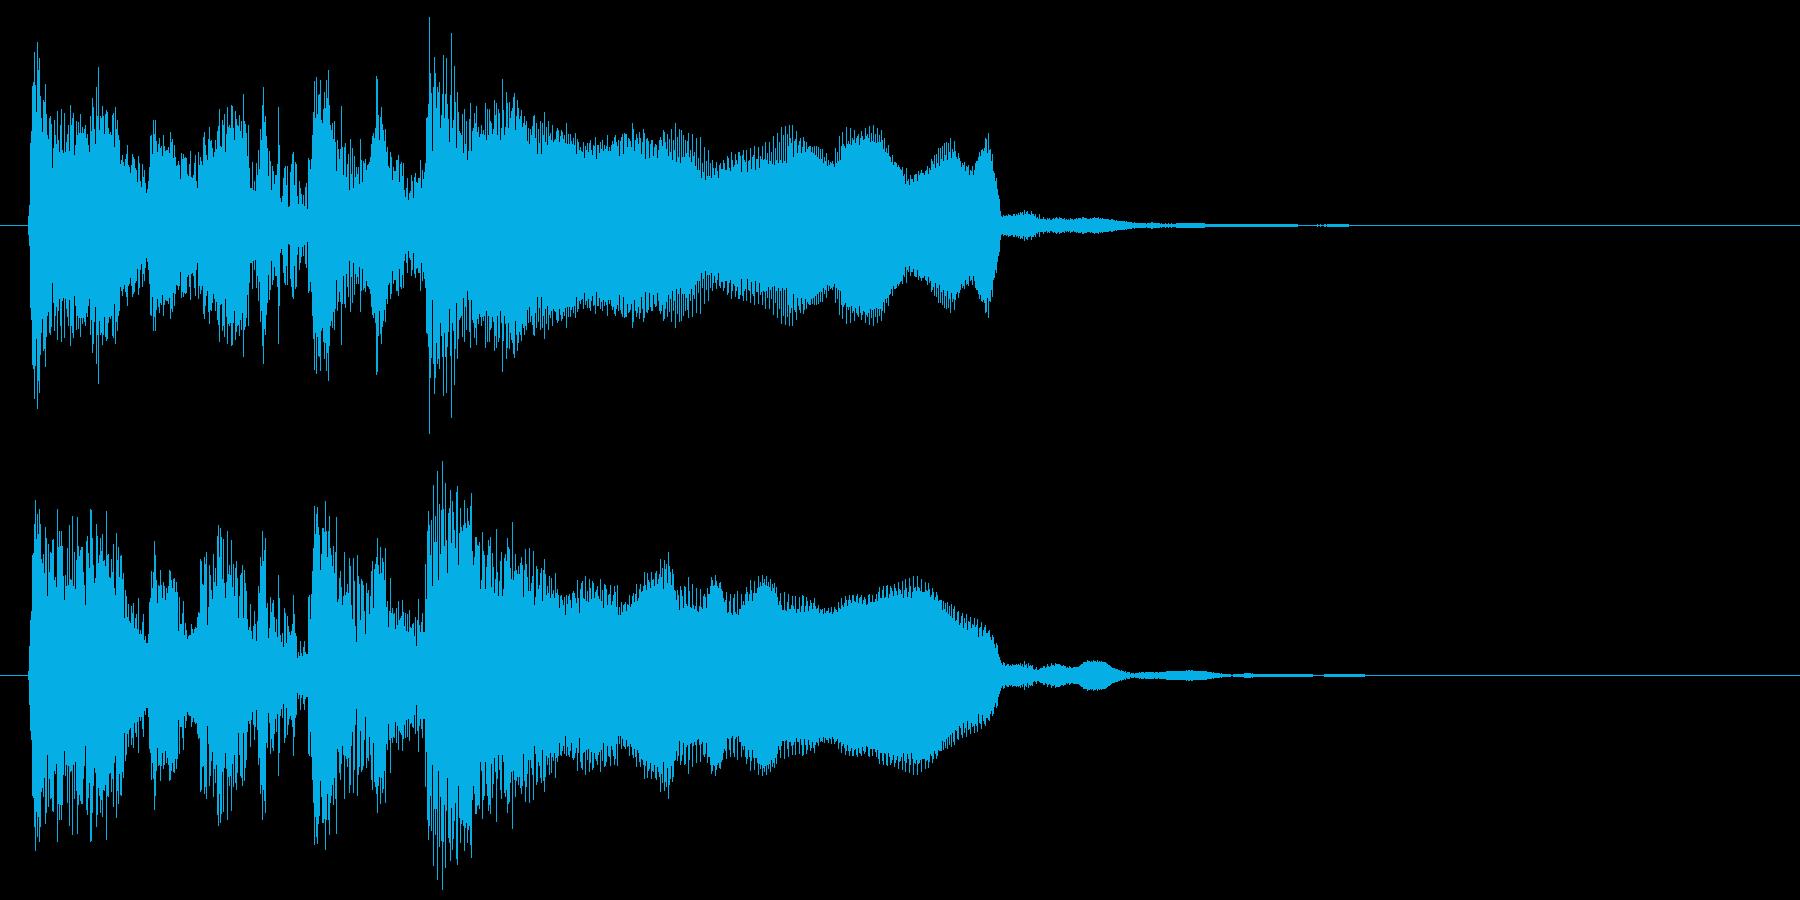 レベルアップジングル、リコーダー&ブラスの再生済みの波形